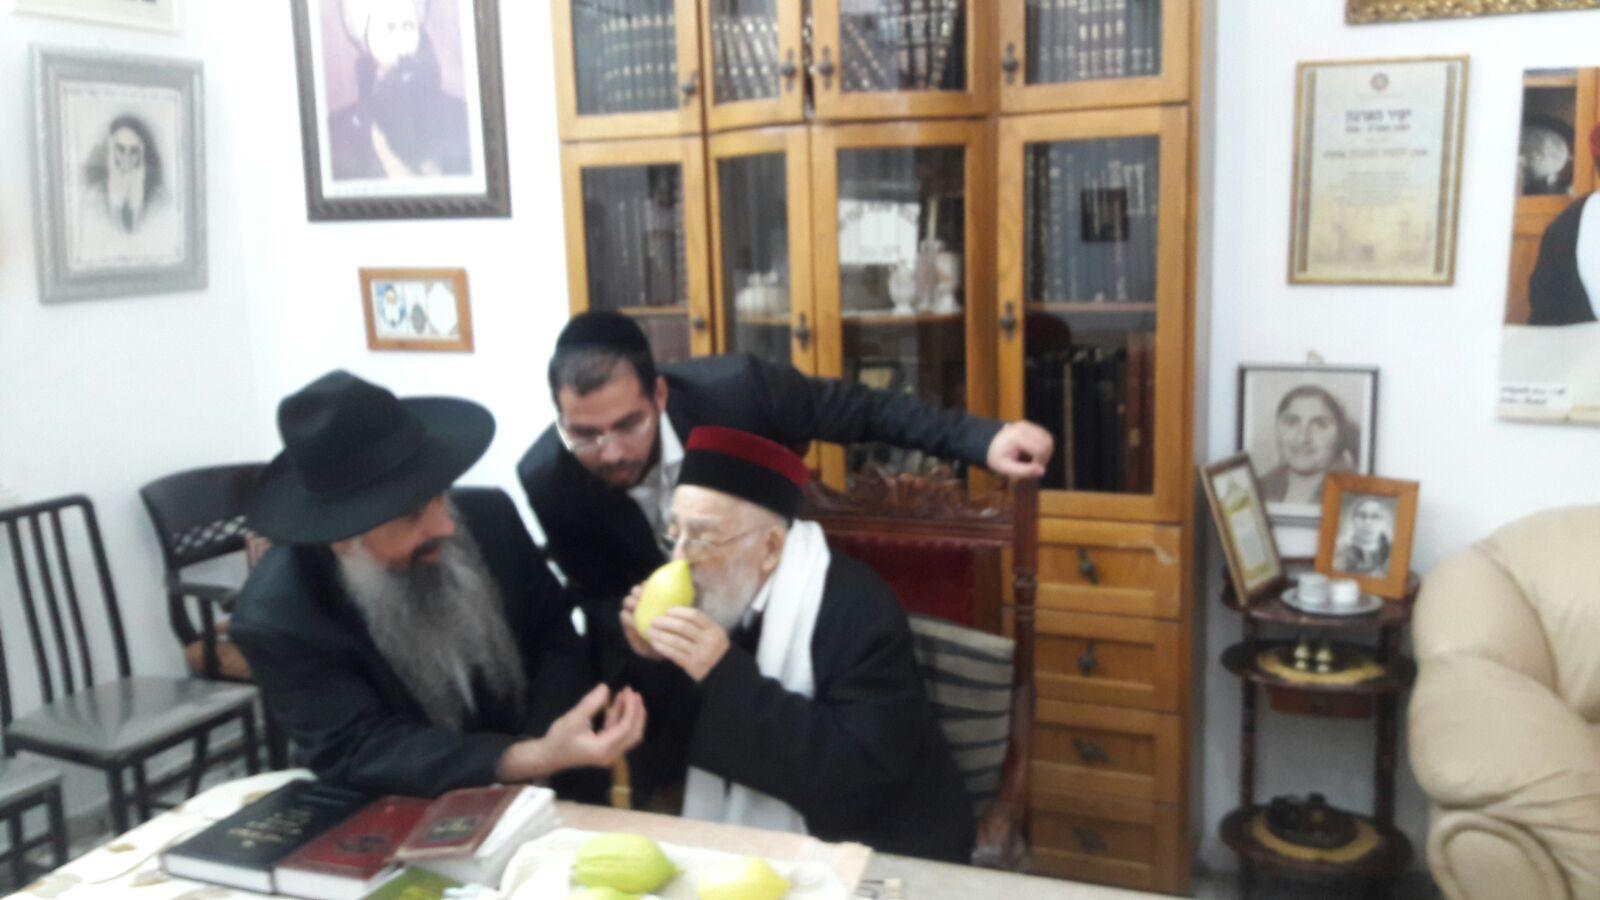 זקני רבני מרוקו, הרב יהושע מאמאן בבחירת אתרוג לחג הסוכות